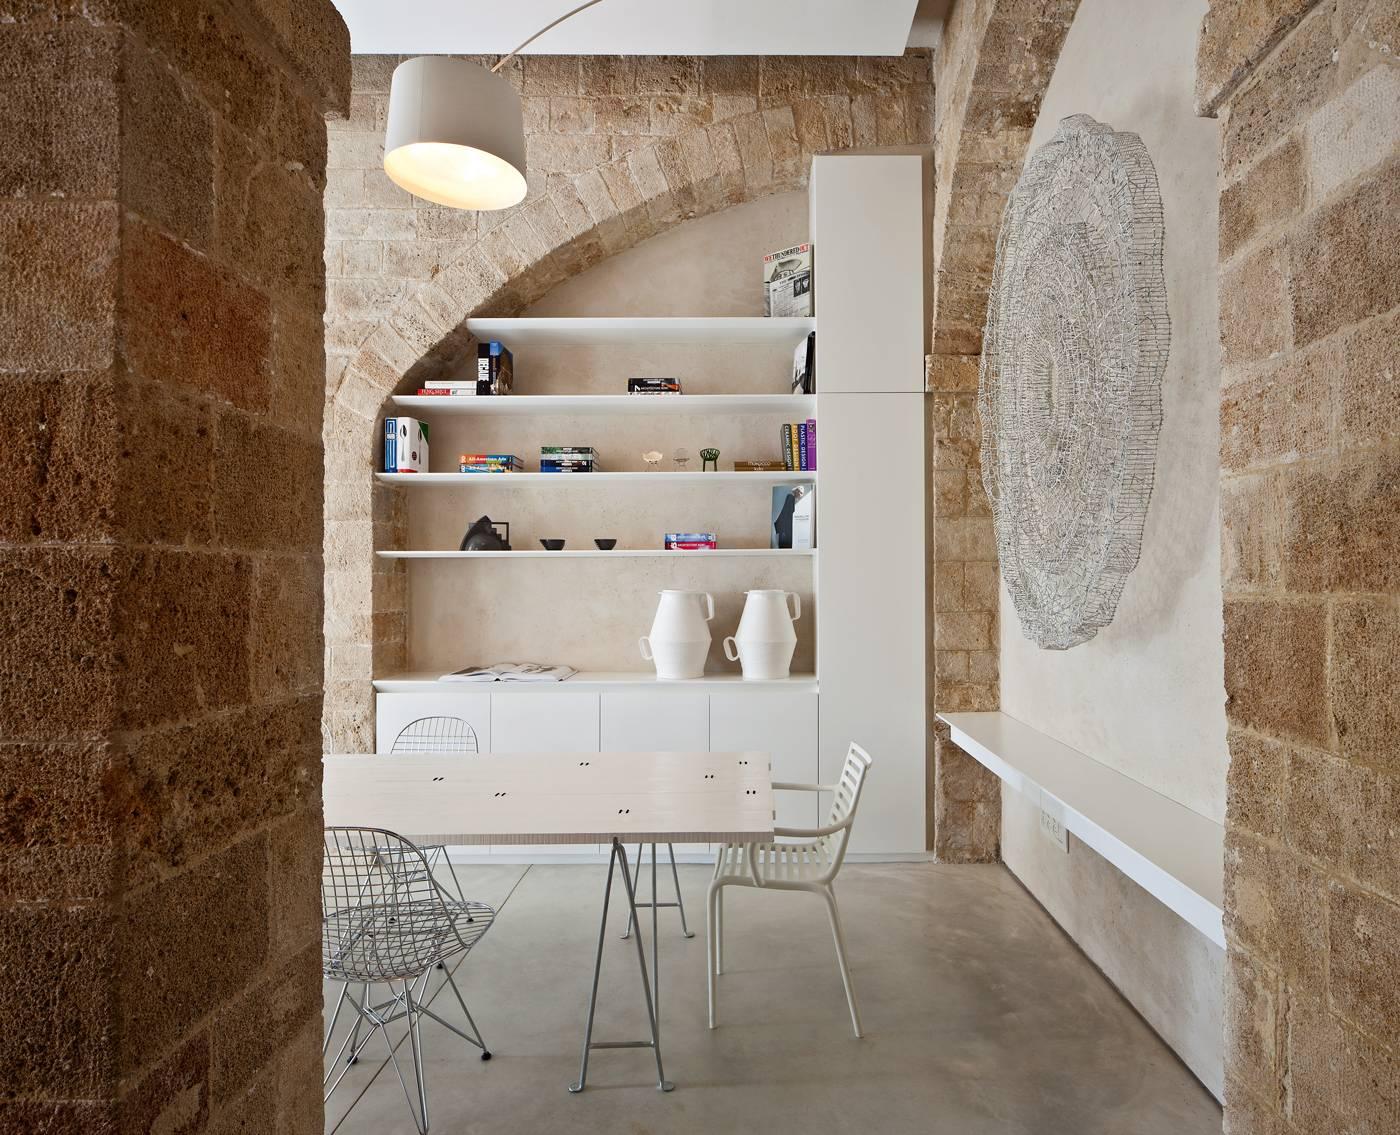 Les murs et le plafond de forme caverneuse ont été laissés bruts, sans fioritures pour mettre en lumière la beauté de la pierre et de la brique. L'éclairage joue un rôle important, il met l'accent sur l'aspect grandiose de l'édifice. Dans la salle à manger, une œuvre d'art signée Boaz Aharonovitch.